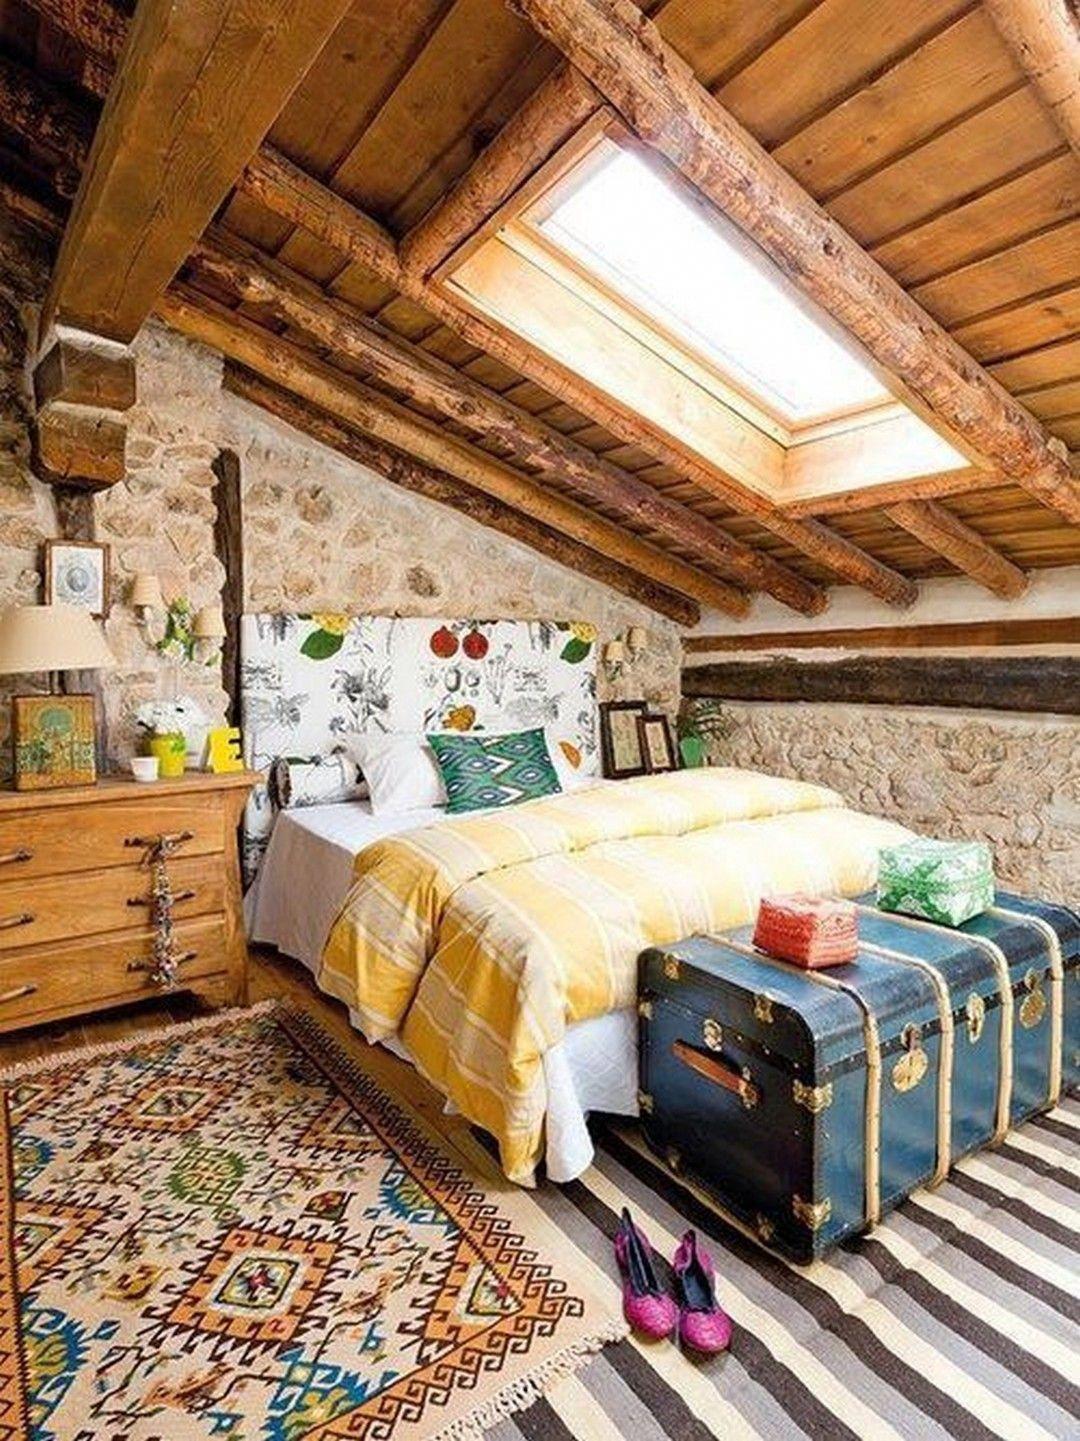 15 ý tưởng màu sắc phòng ngủ theo phong cách cổ điển ngọt ngào - Ảnh 3.